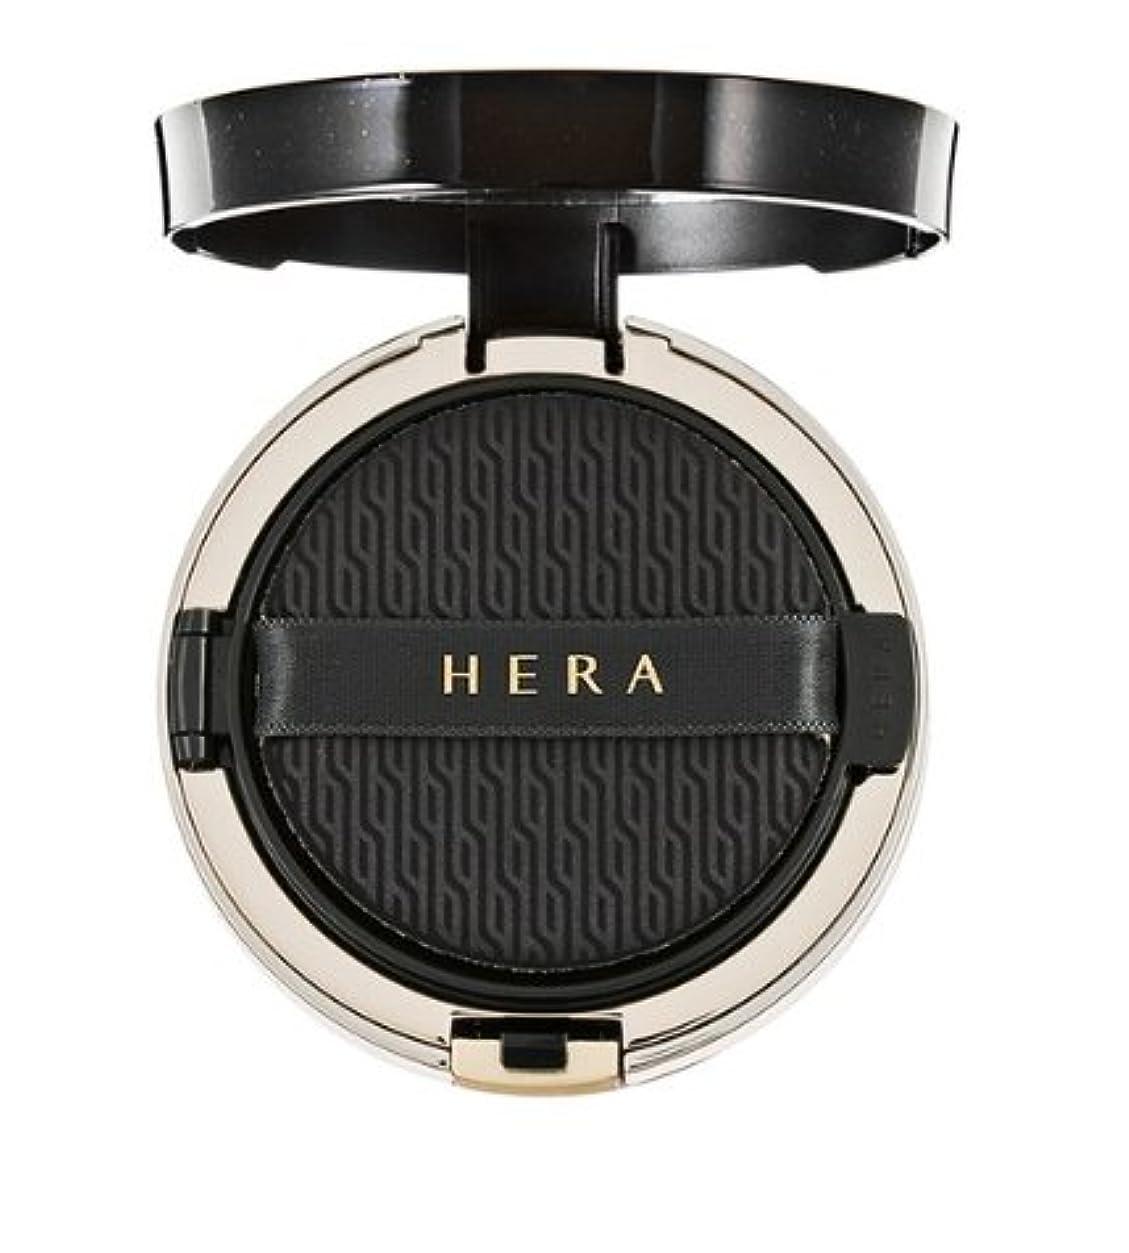 オズワルド吸収する酸っぱい(ヘラ) Hera ブラッククッション SPF34/PA++ 本品15g+リフィール15g / Black Cushion SPF34/PA++ 15g+Refil15g (No.23 Beige) (韓国直発送) shumaman